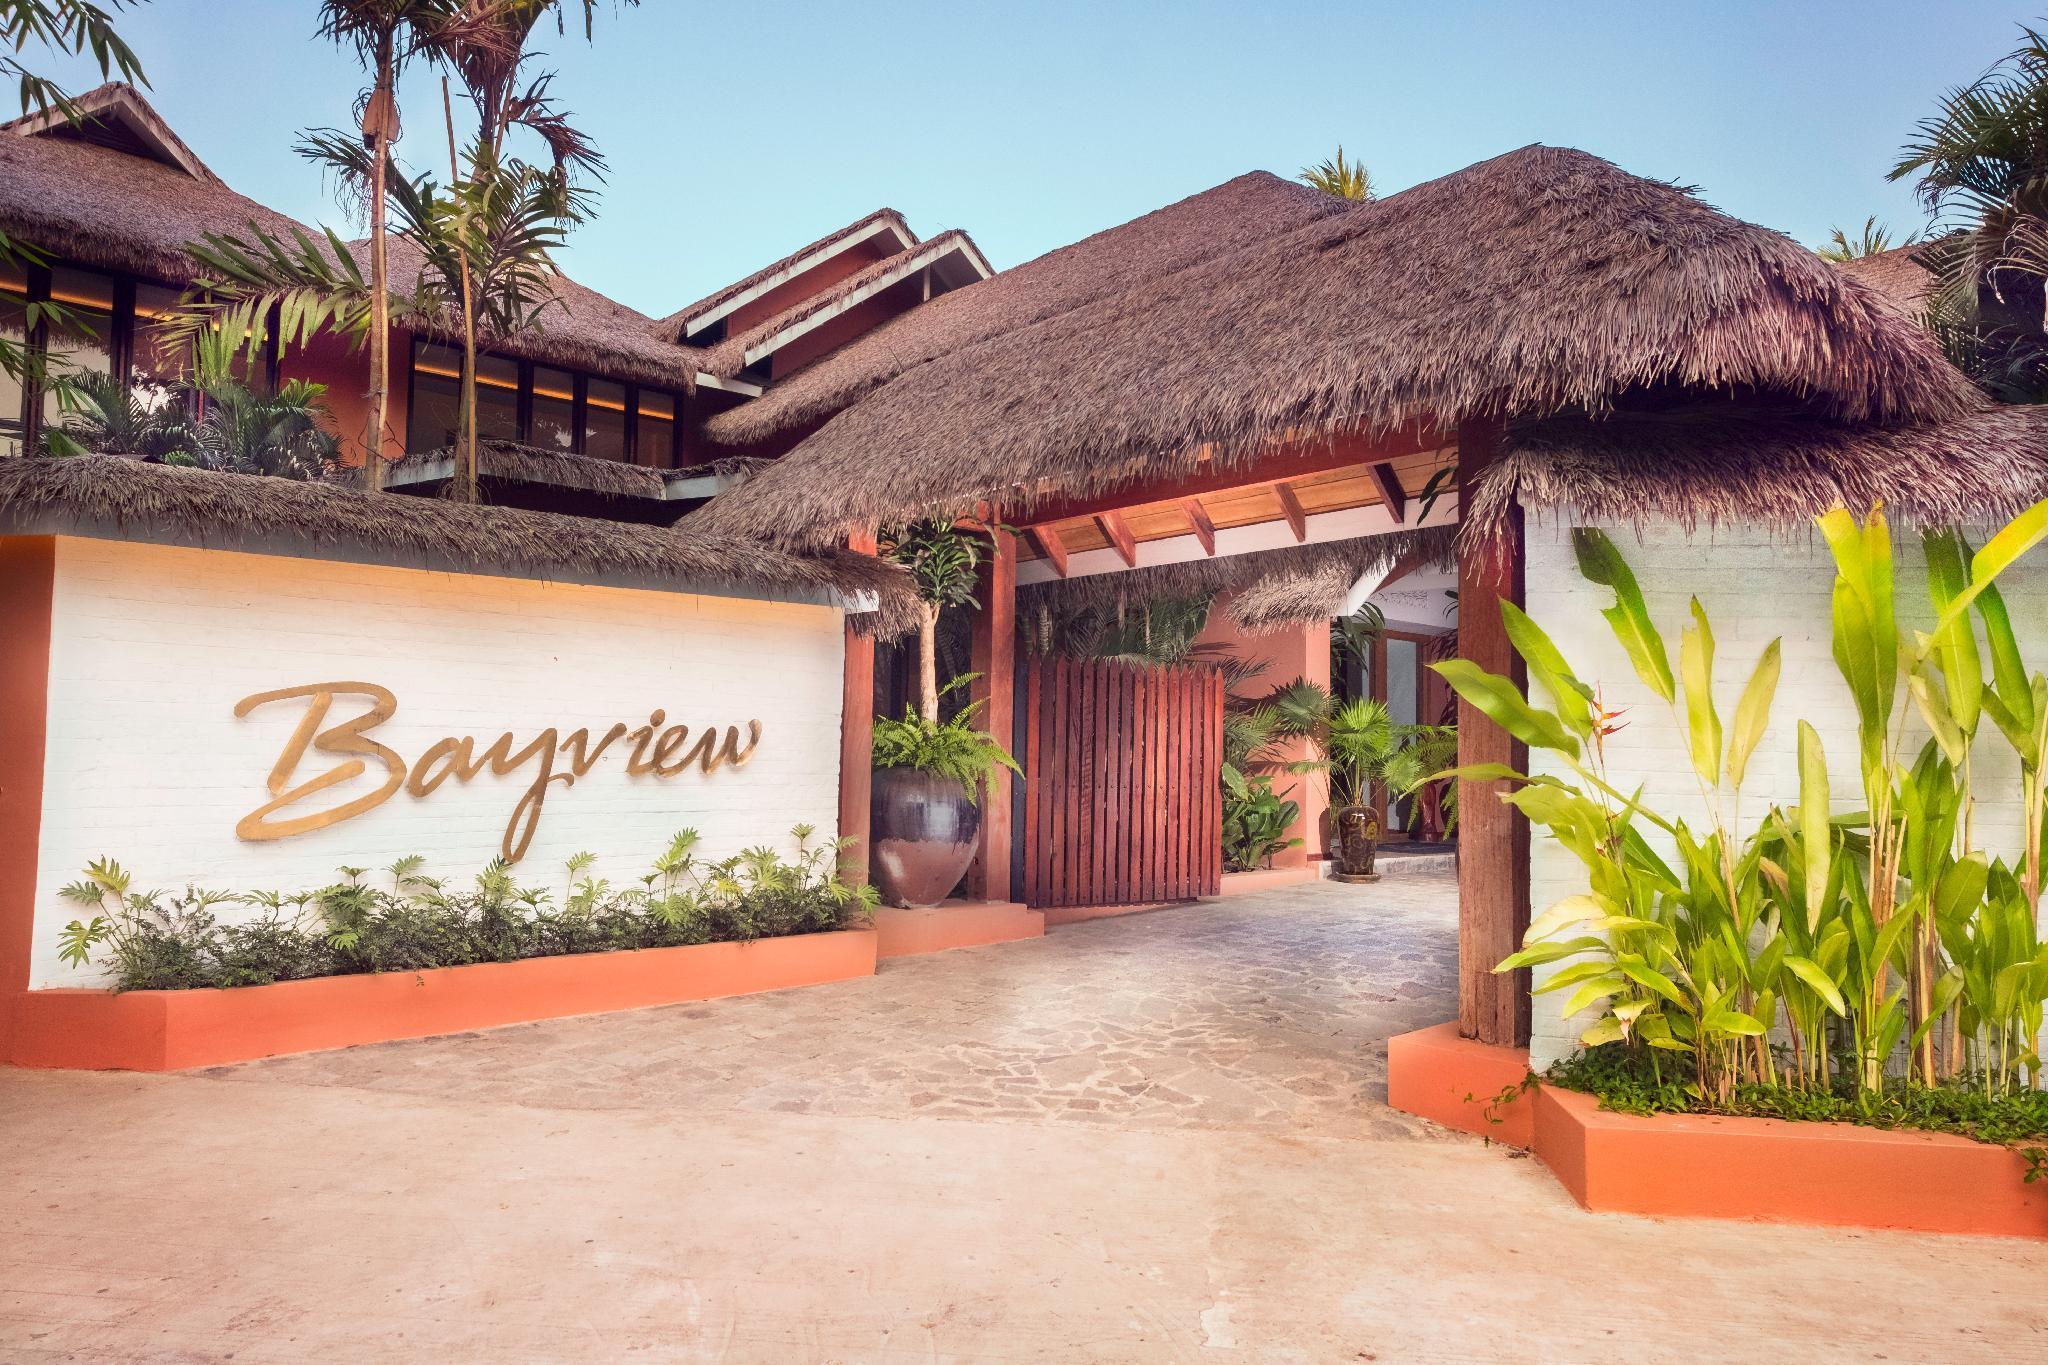 Bayview - The Beach Resort, Thandwe